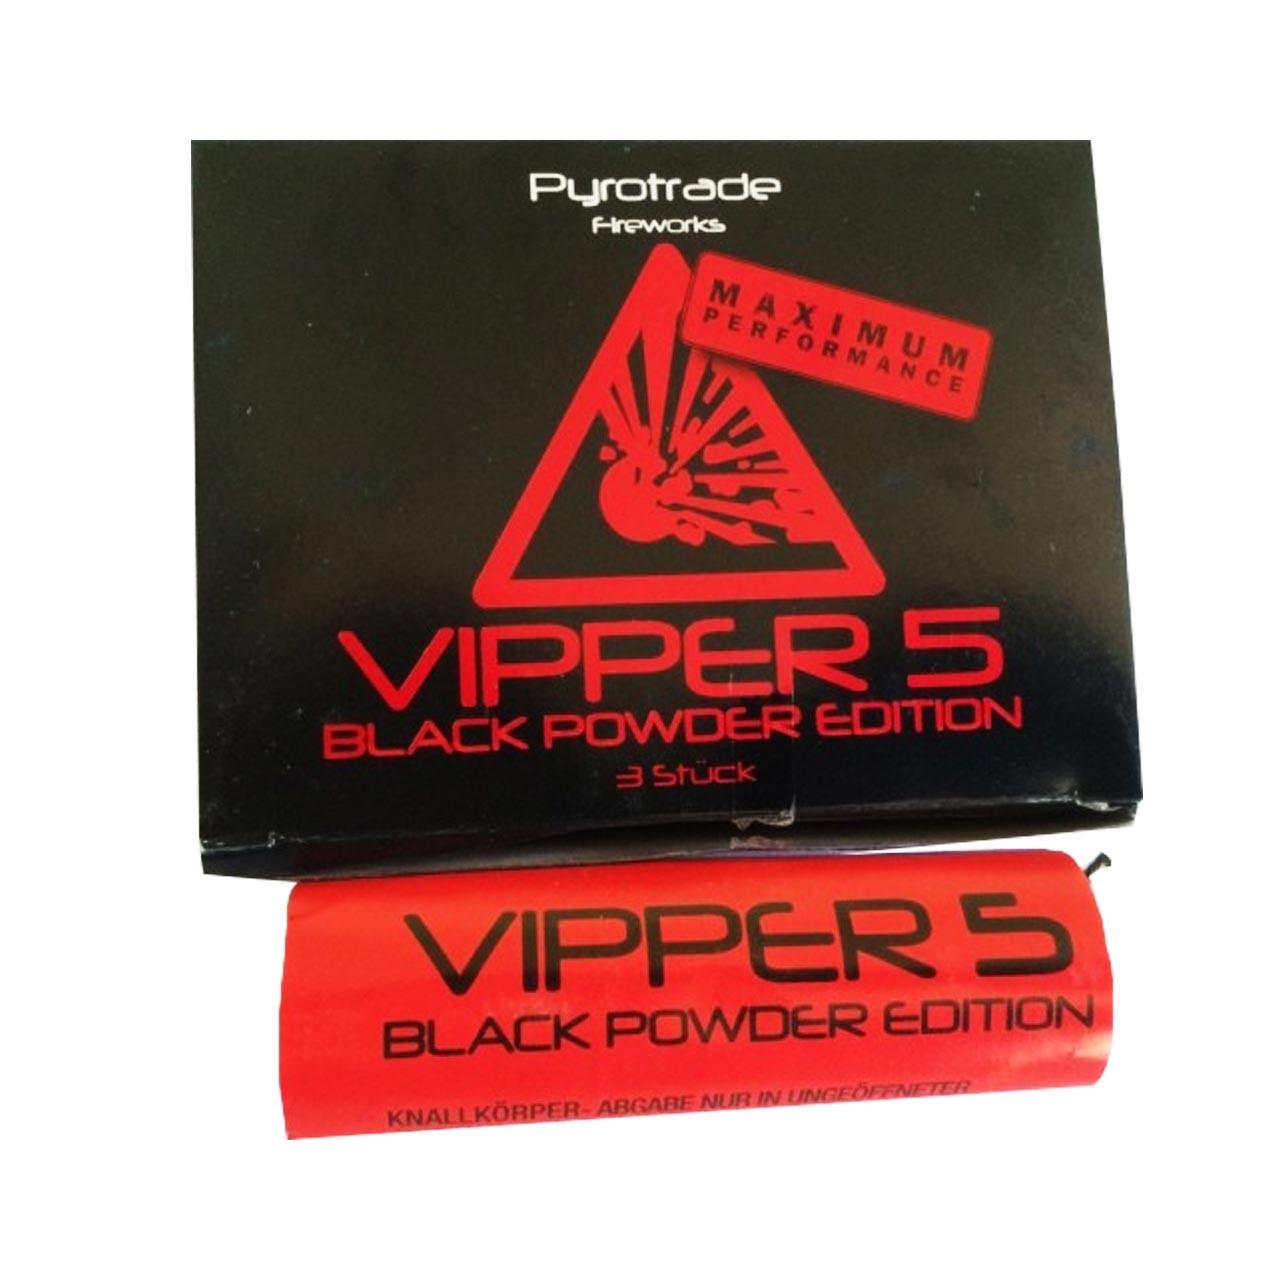 Vipper 5